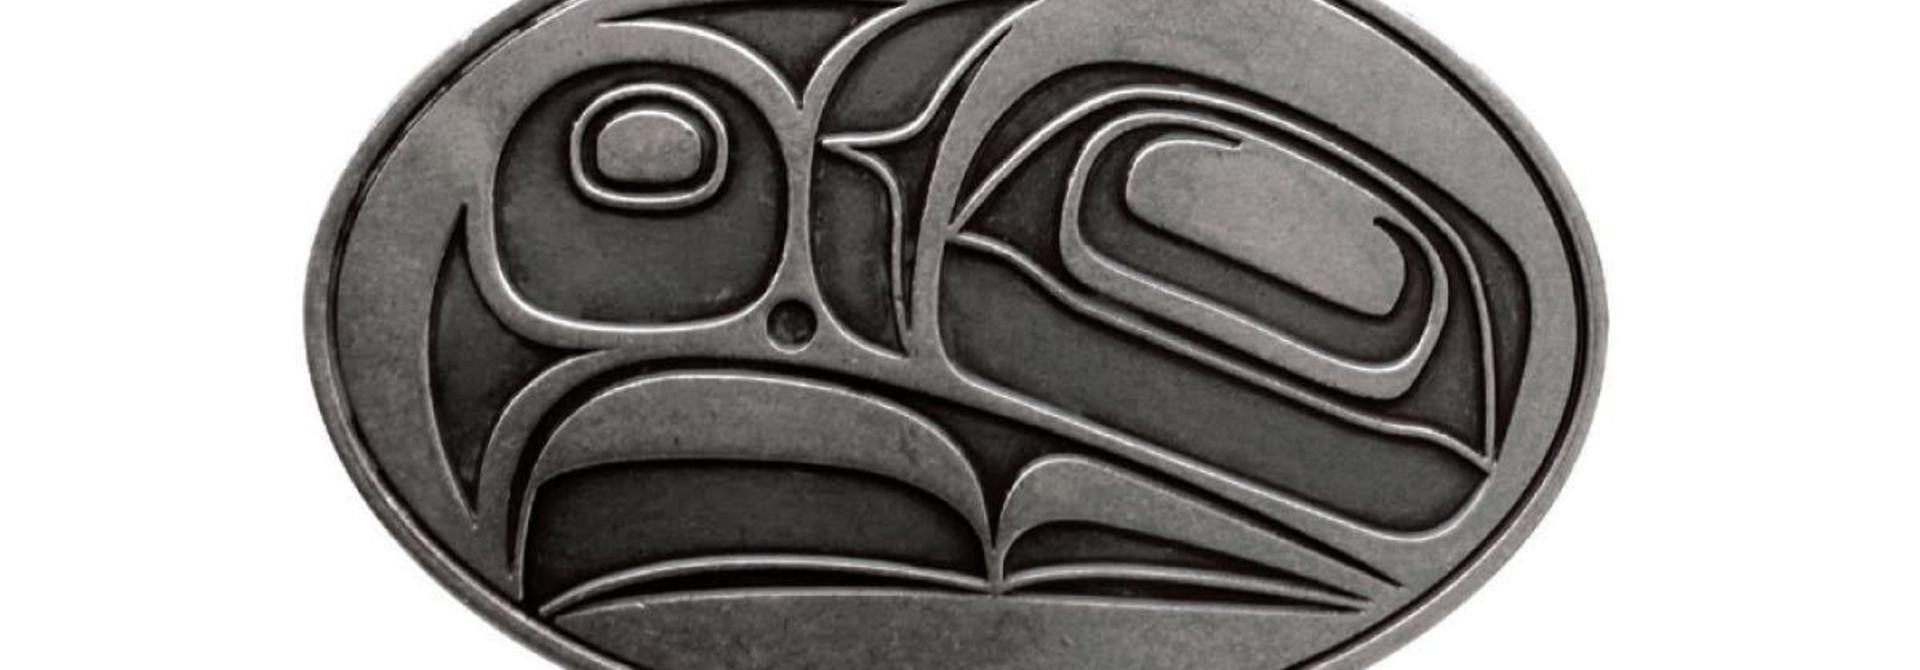 Belt Buckle - Eagle by Corey Bulpitt